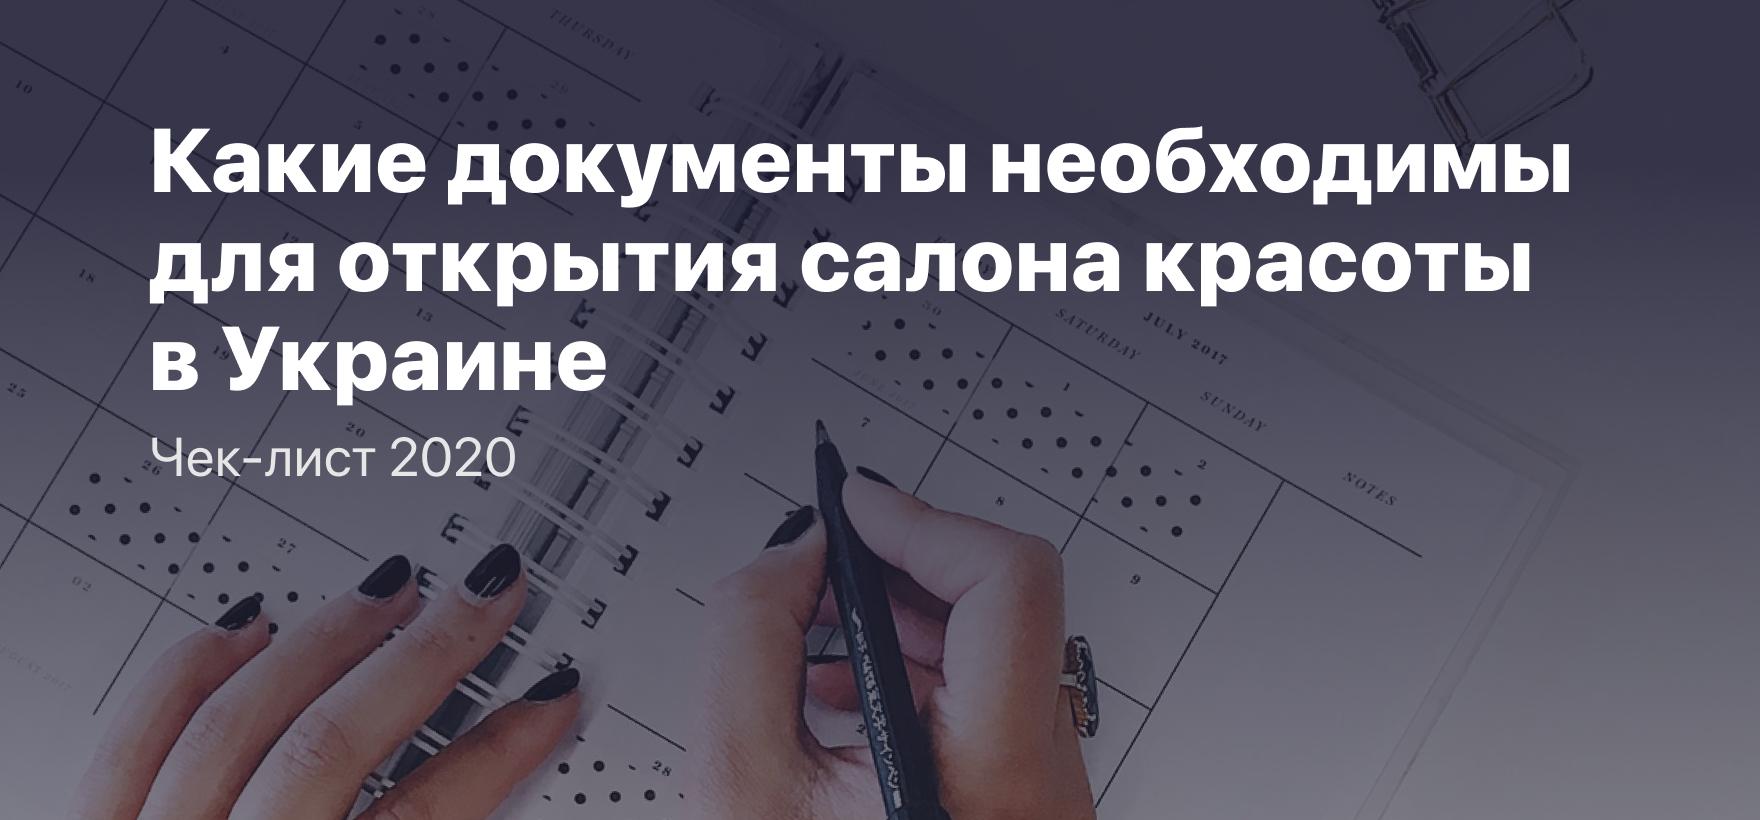 Как открыть салон красоты в Украине: необходимые документы 2020